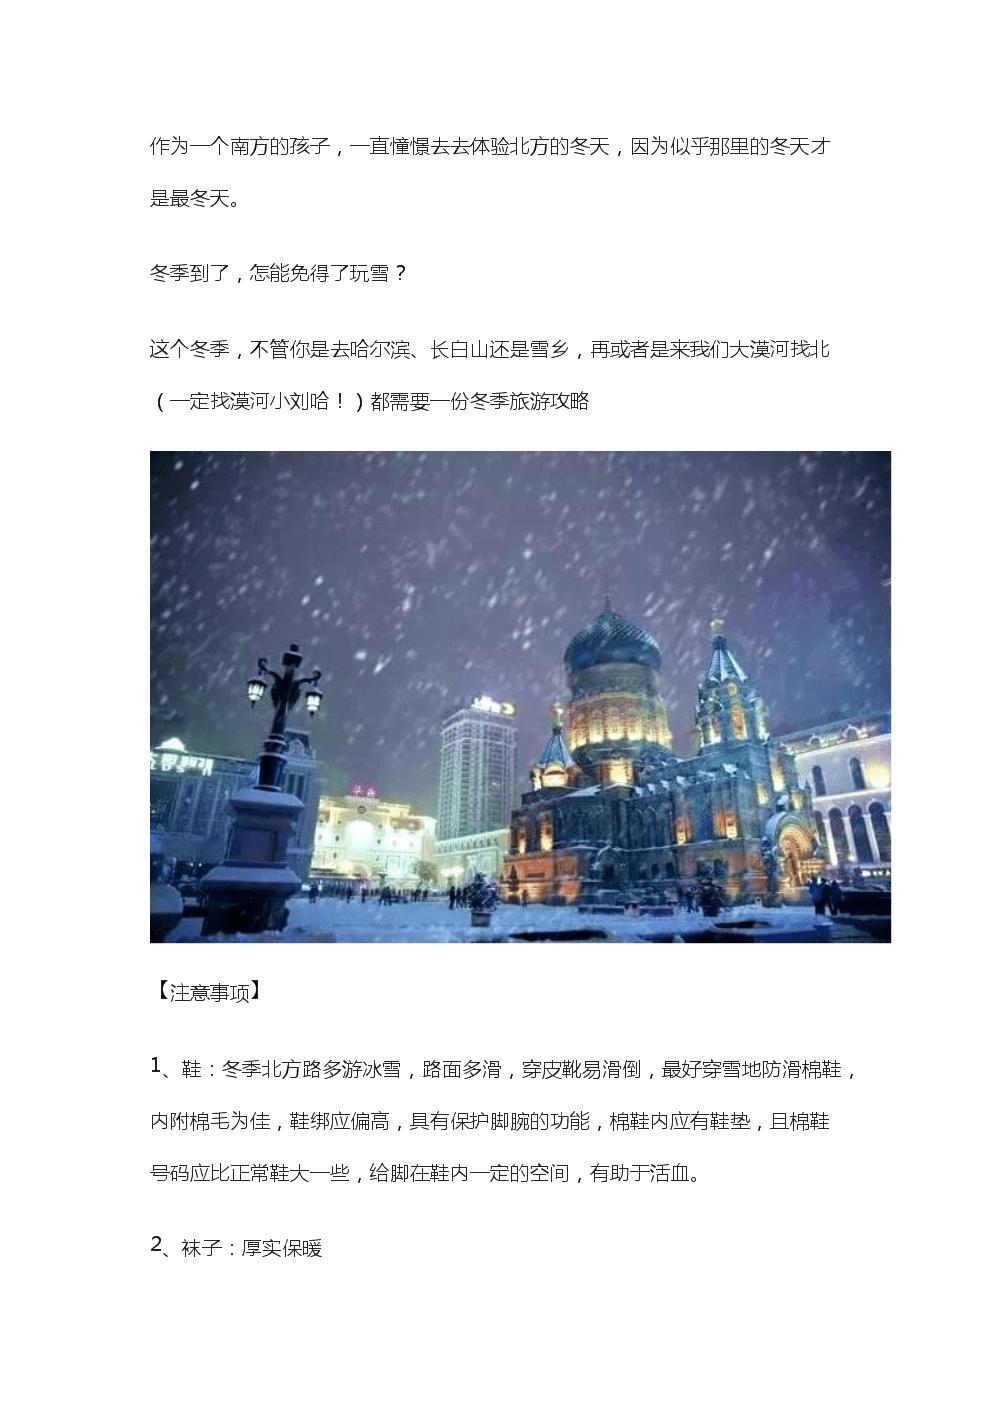 冬季旅游超级实用攻略哈尔滨 漠河 雪乡 长白山旅游都能用.doc